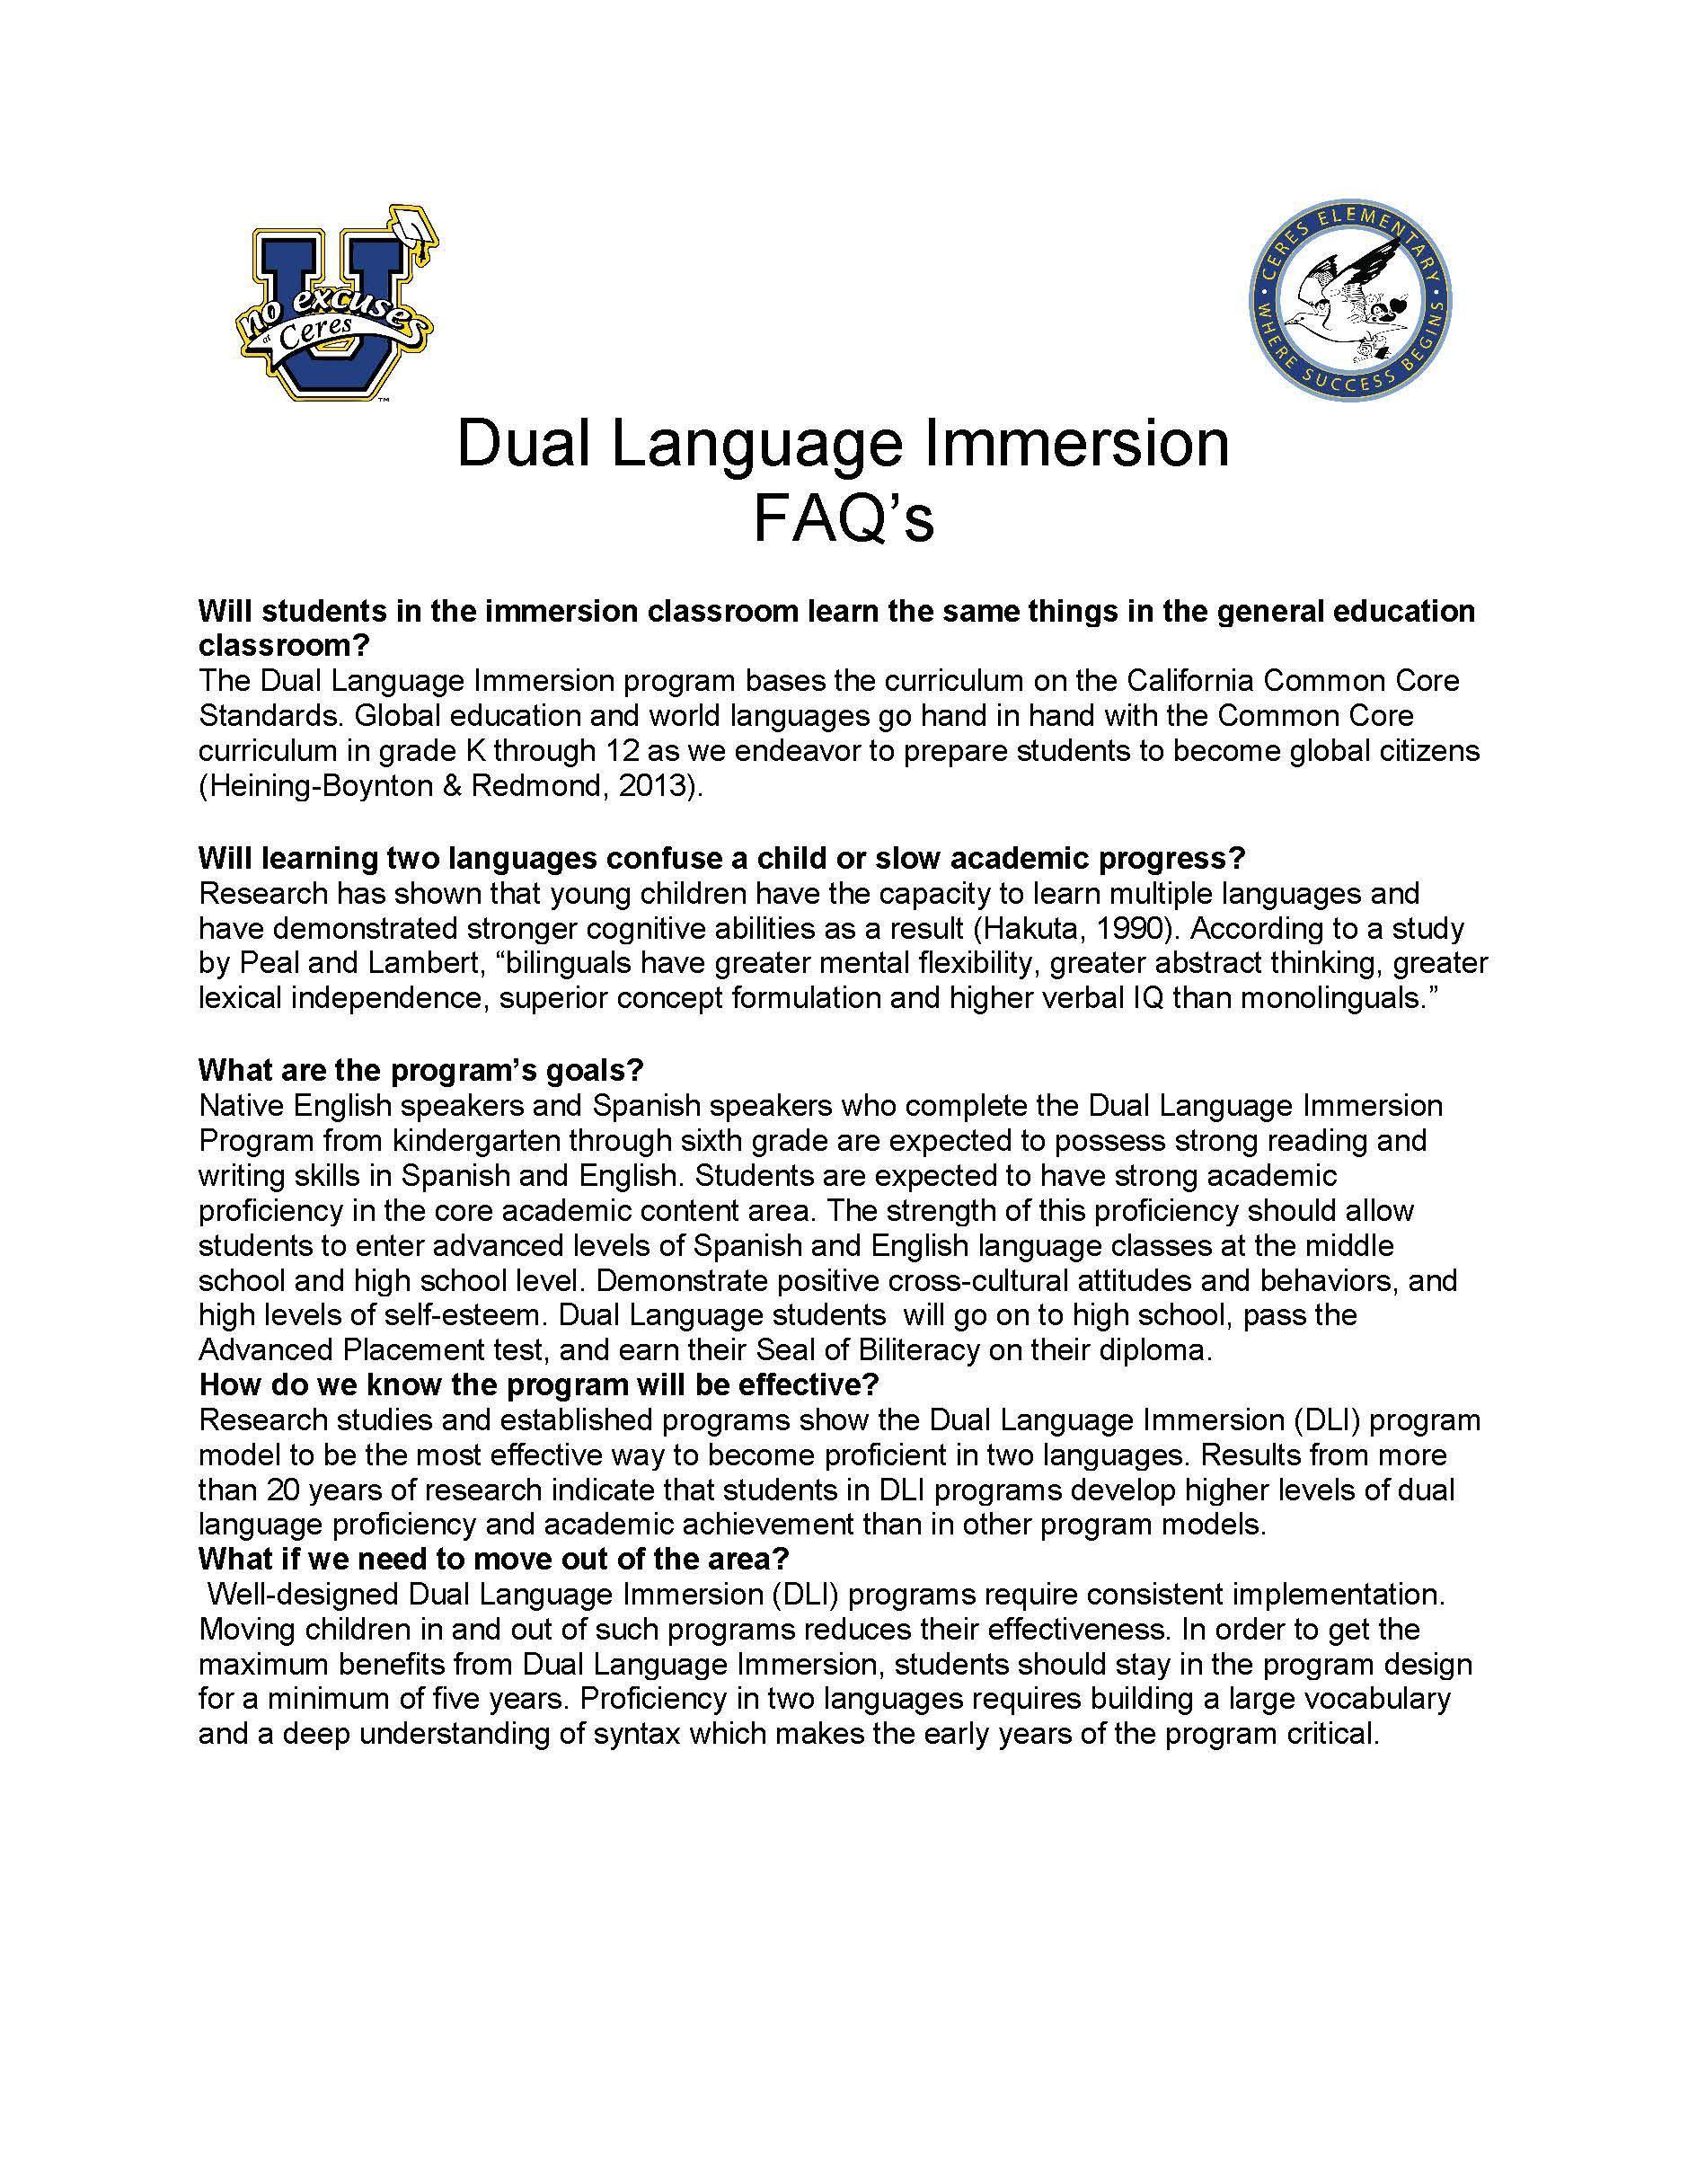 DLI FAQ's 2020_Page_1